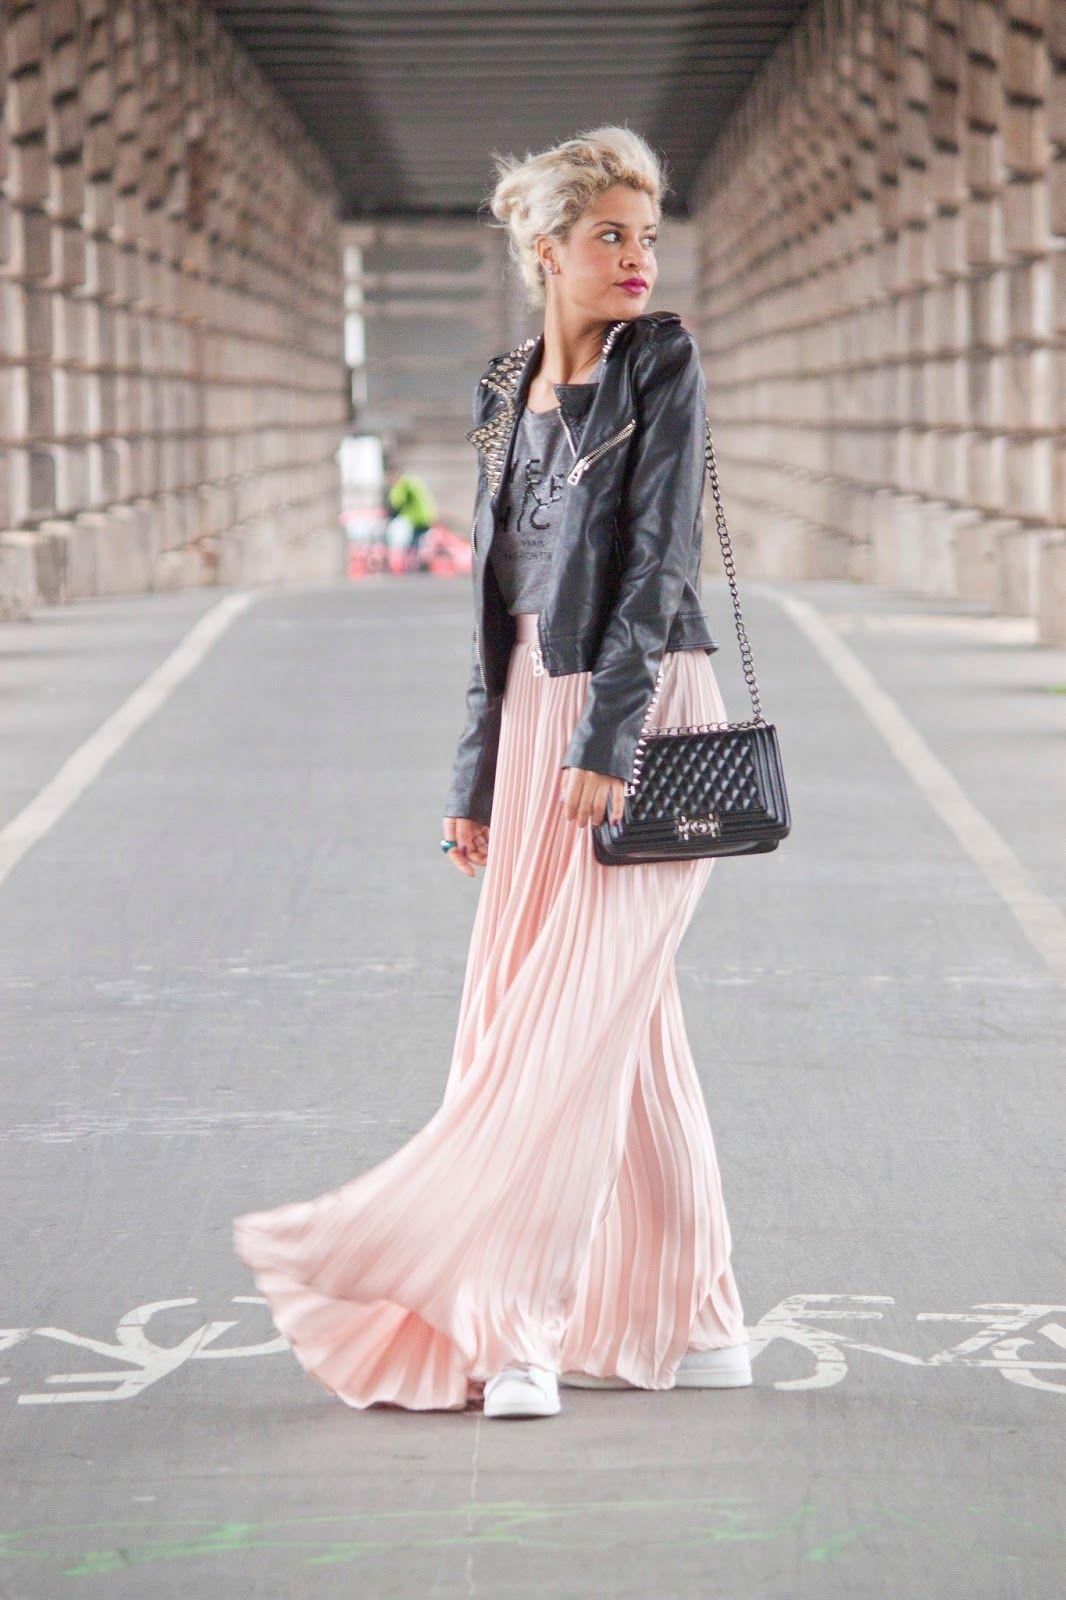 Jupe Longue Plissée Rose : jupe longue pliss e rose clothing fashion long skirt ~ Pogadajmy.info Styles, Décorations et Voitures